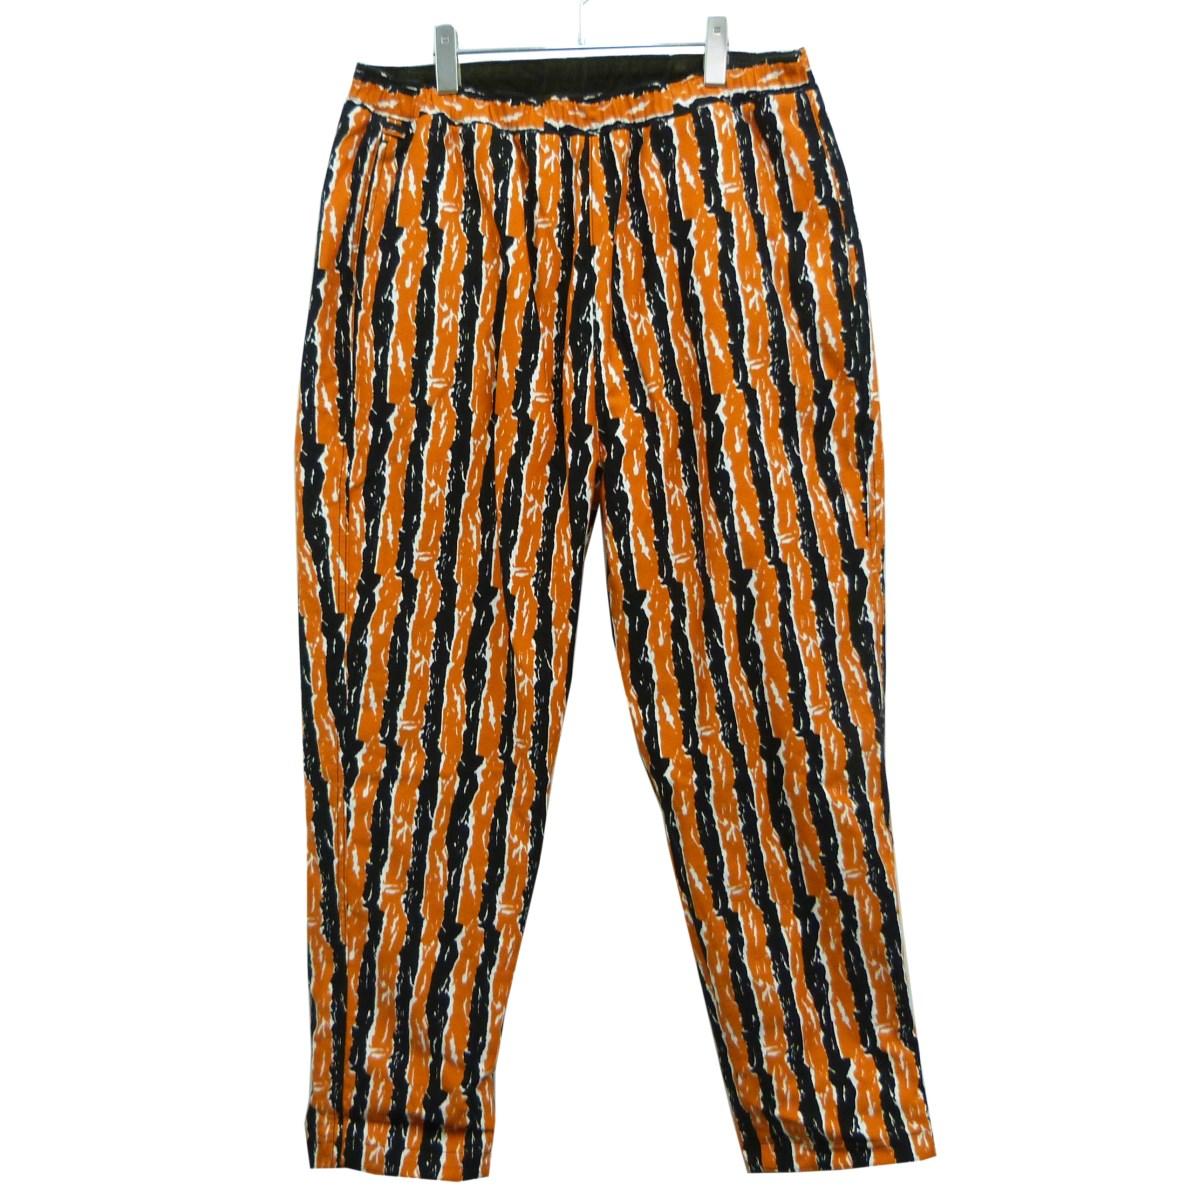 【中古】THREE FACE リバーシブルパンツ オレンジ×カーキ サイズ:L 【300320】(スリー フェイス)